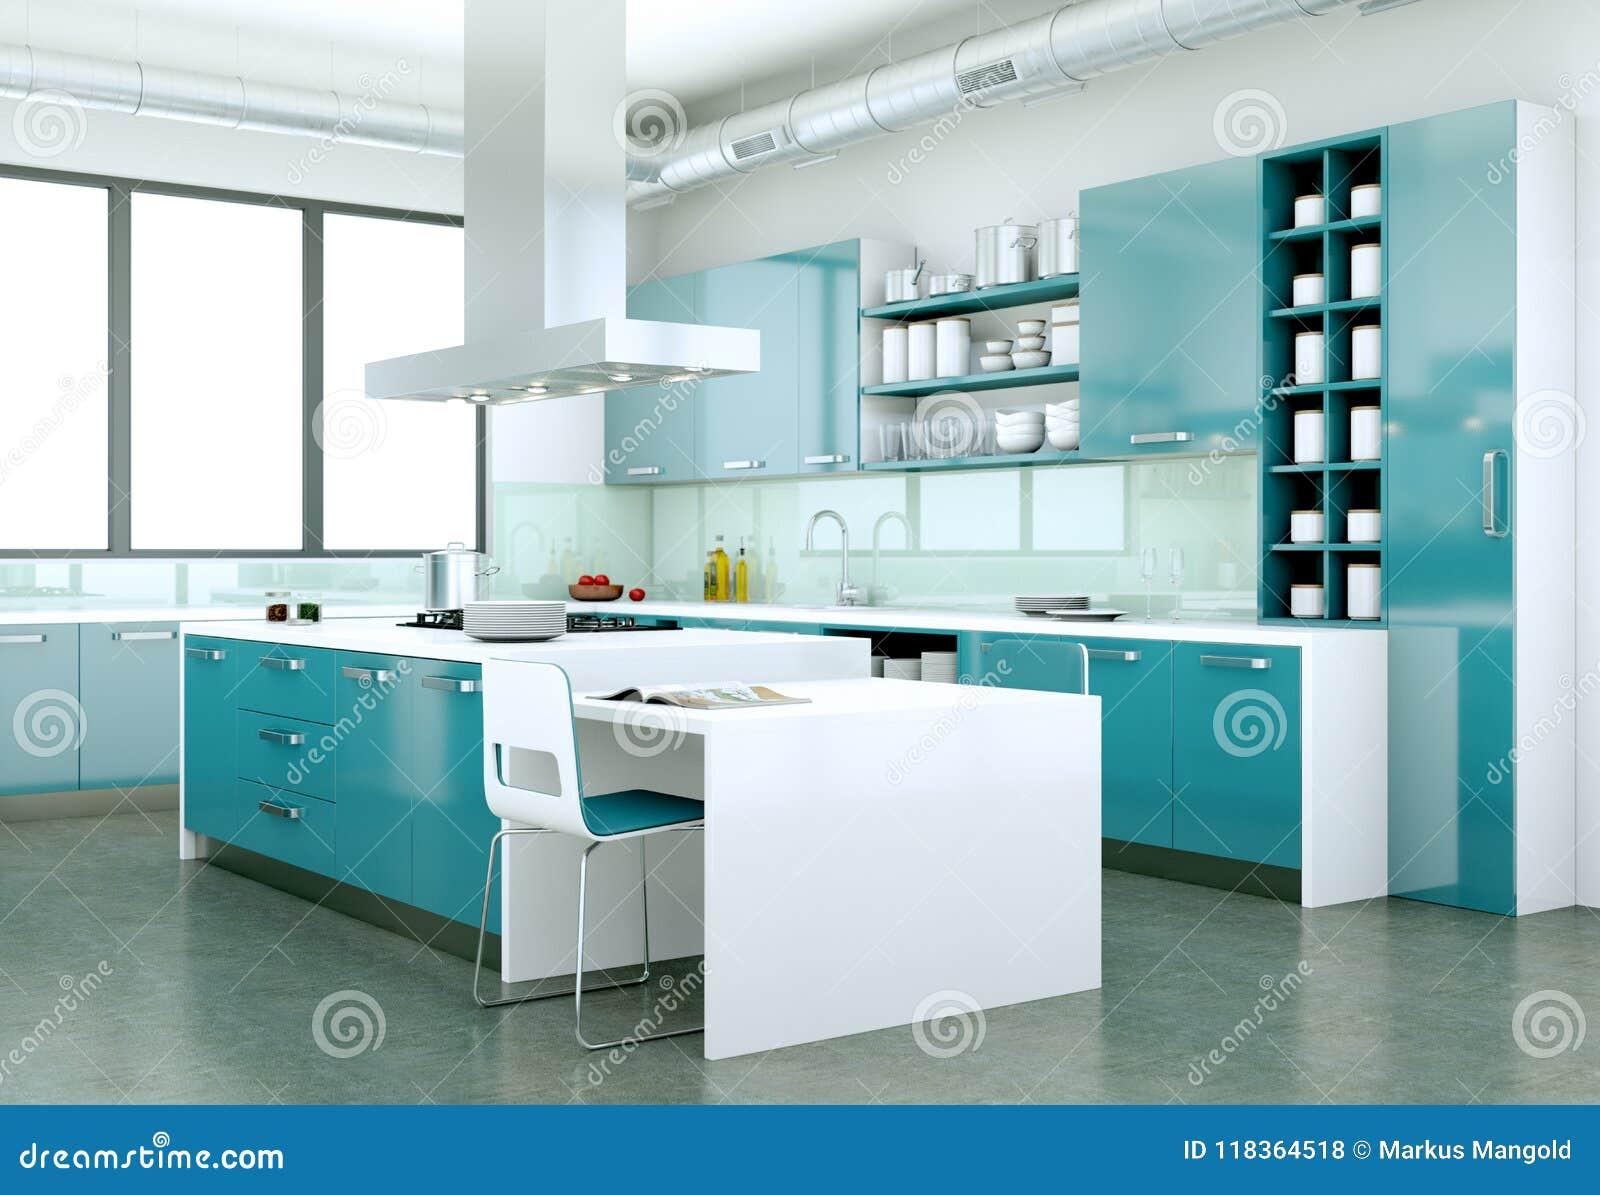 Cucina Moderna Blu.Cucina Moderna Blu In Una Casa Con Una Bella Progettazione